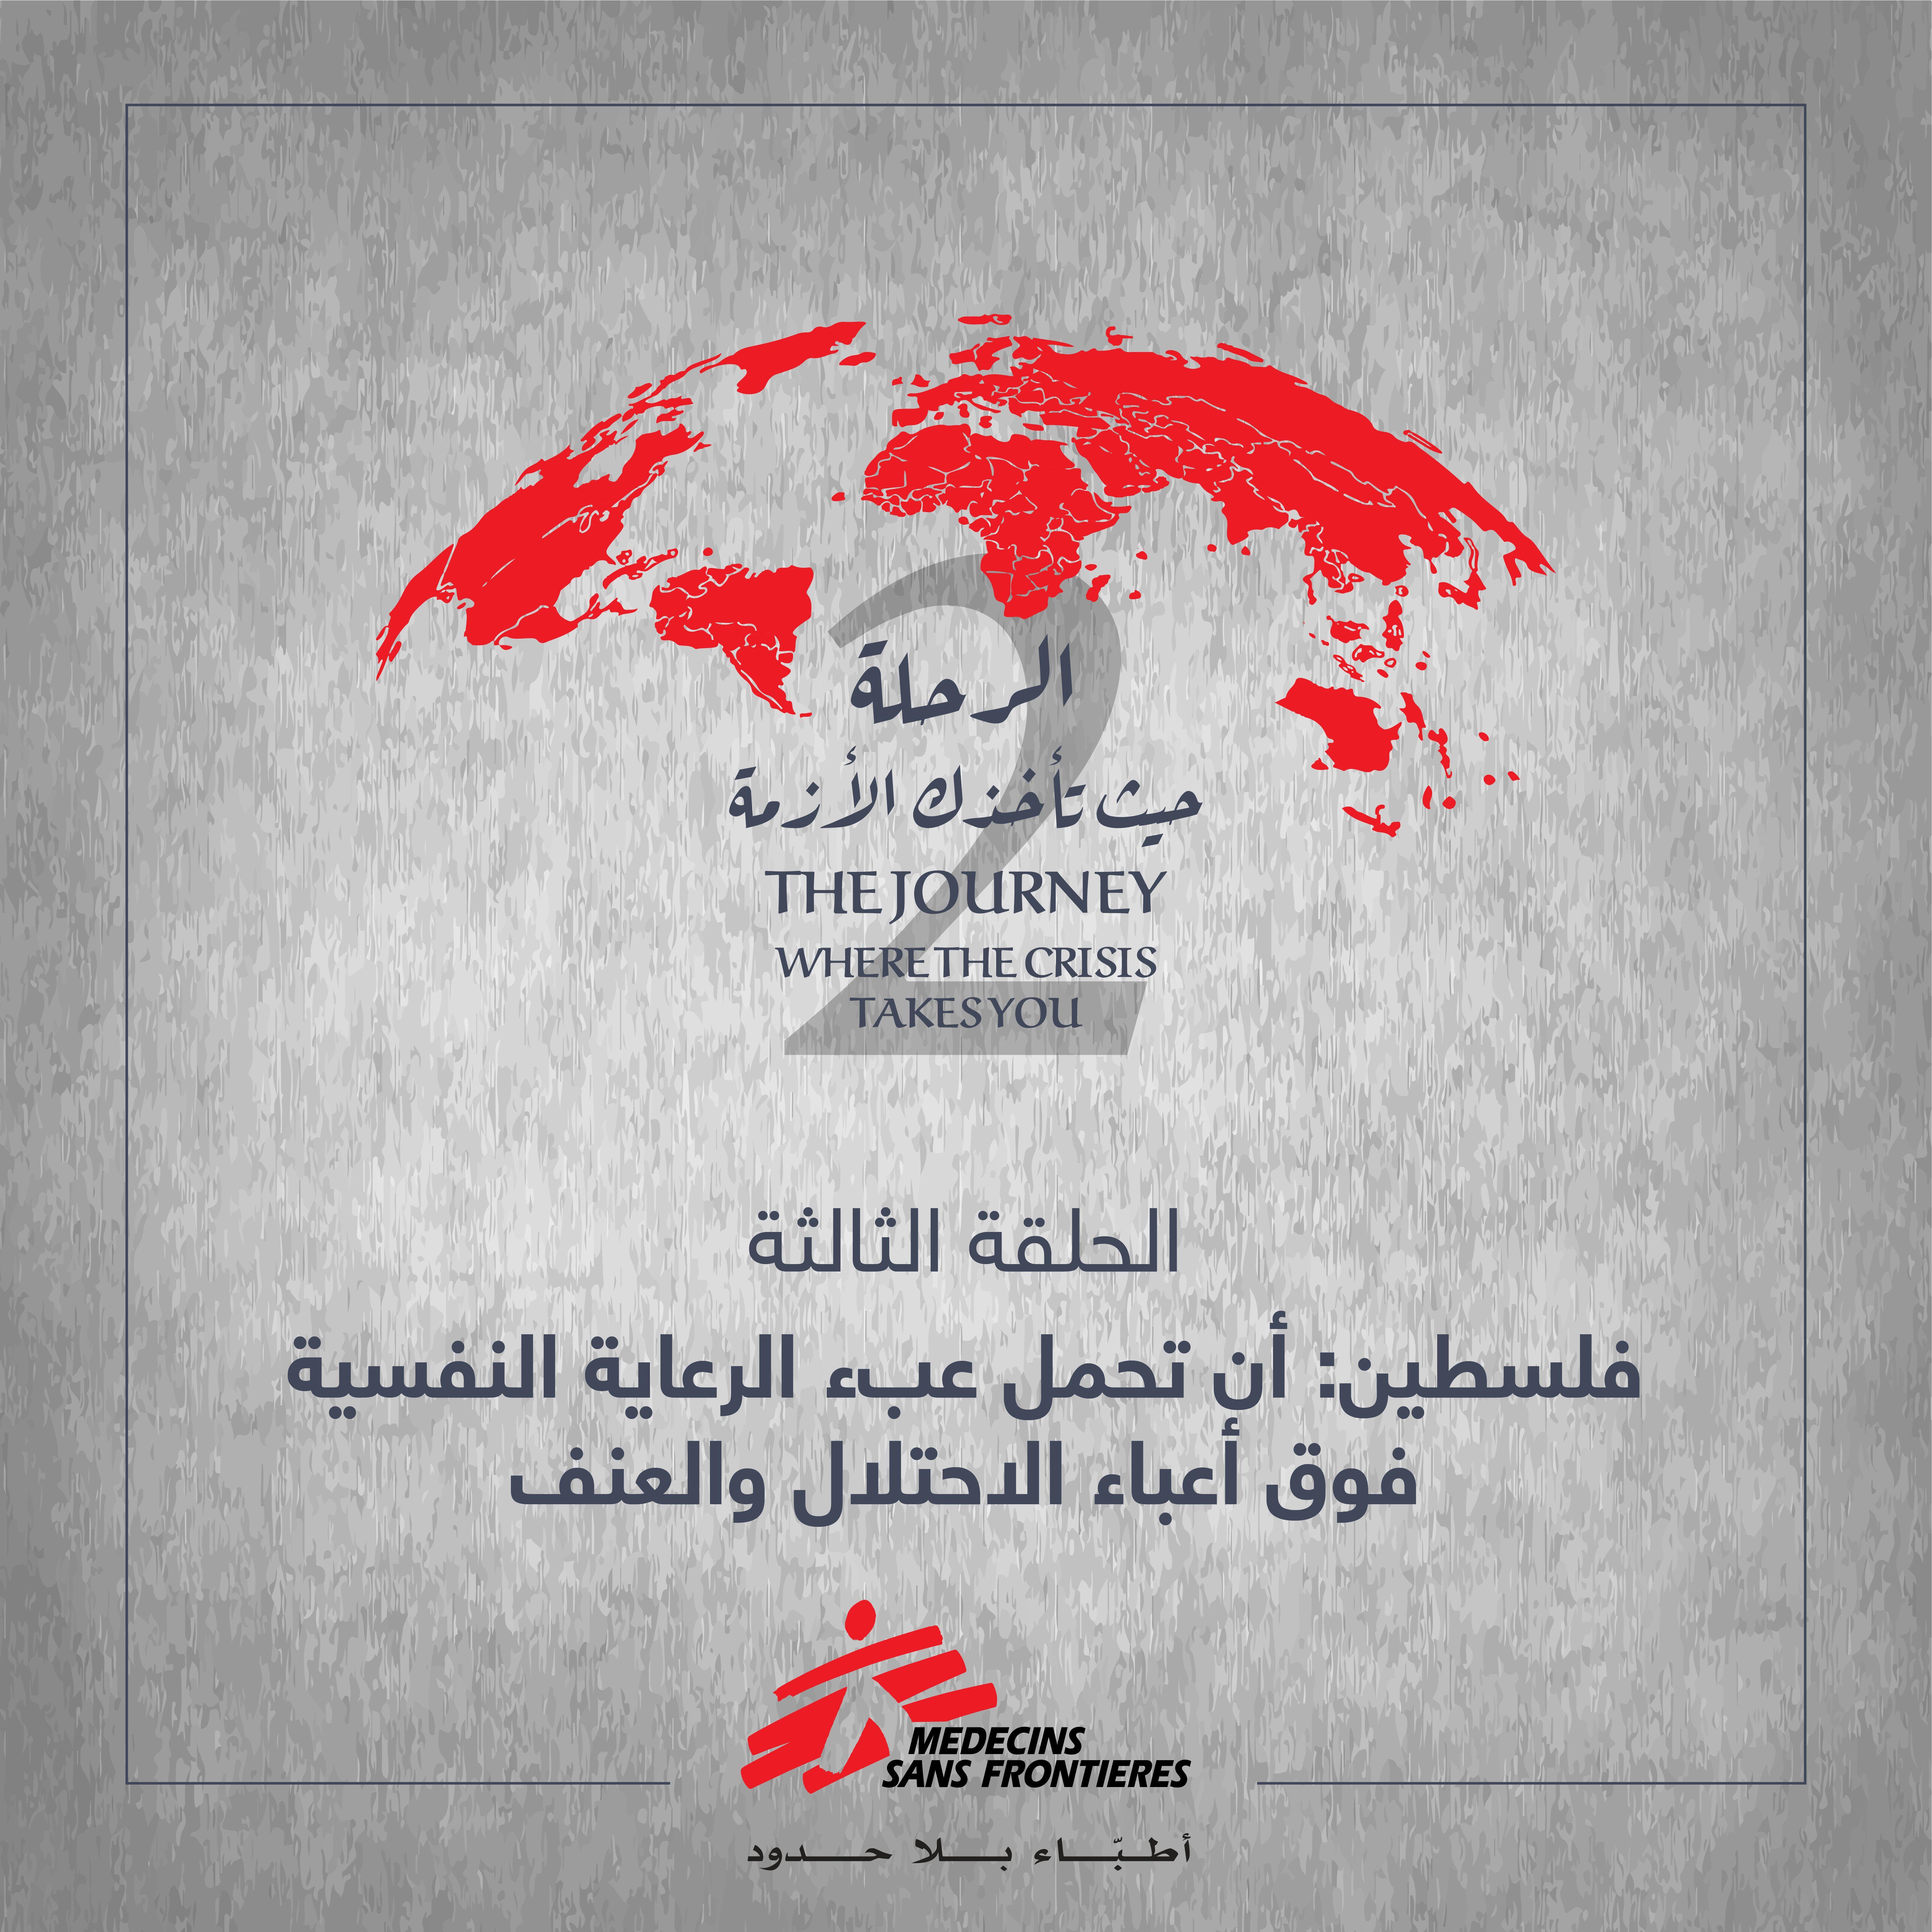 فلسطين: أن تحمل عبء الرعاية النفسية فوق أعباء الاحتلال والعنف - الحلقة الثالثة